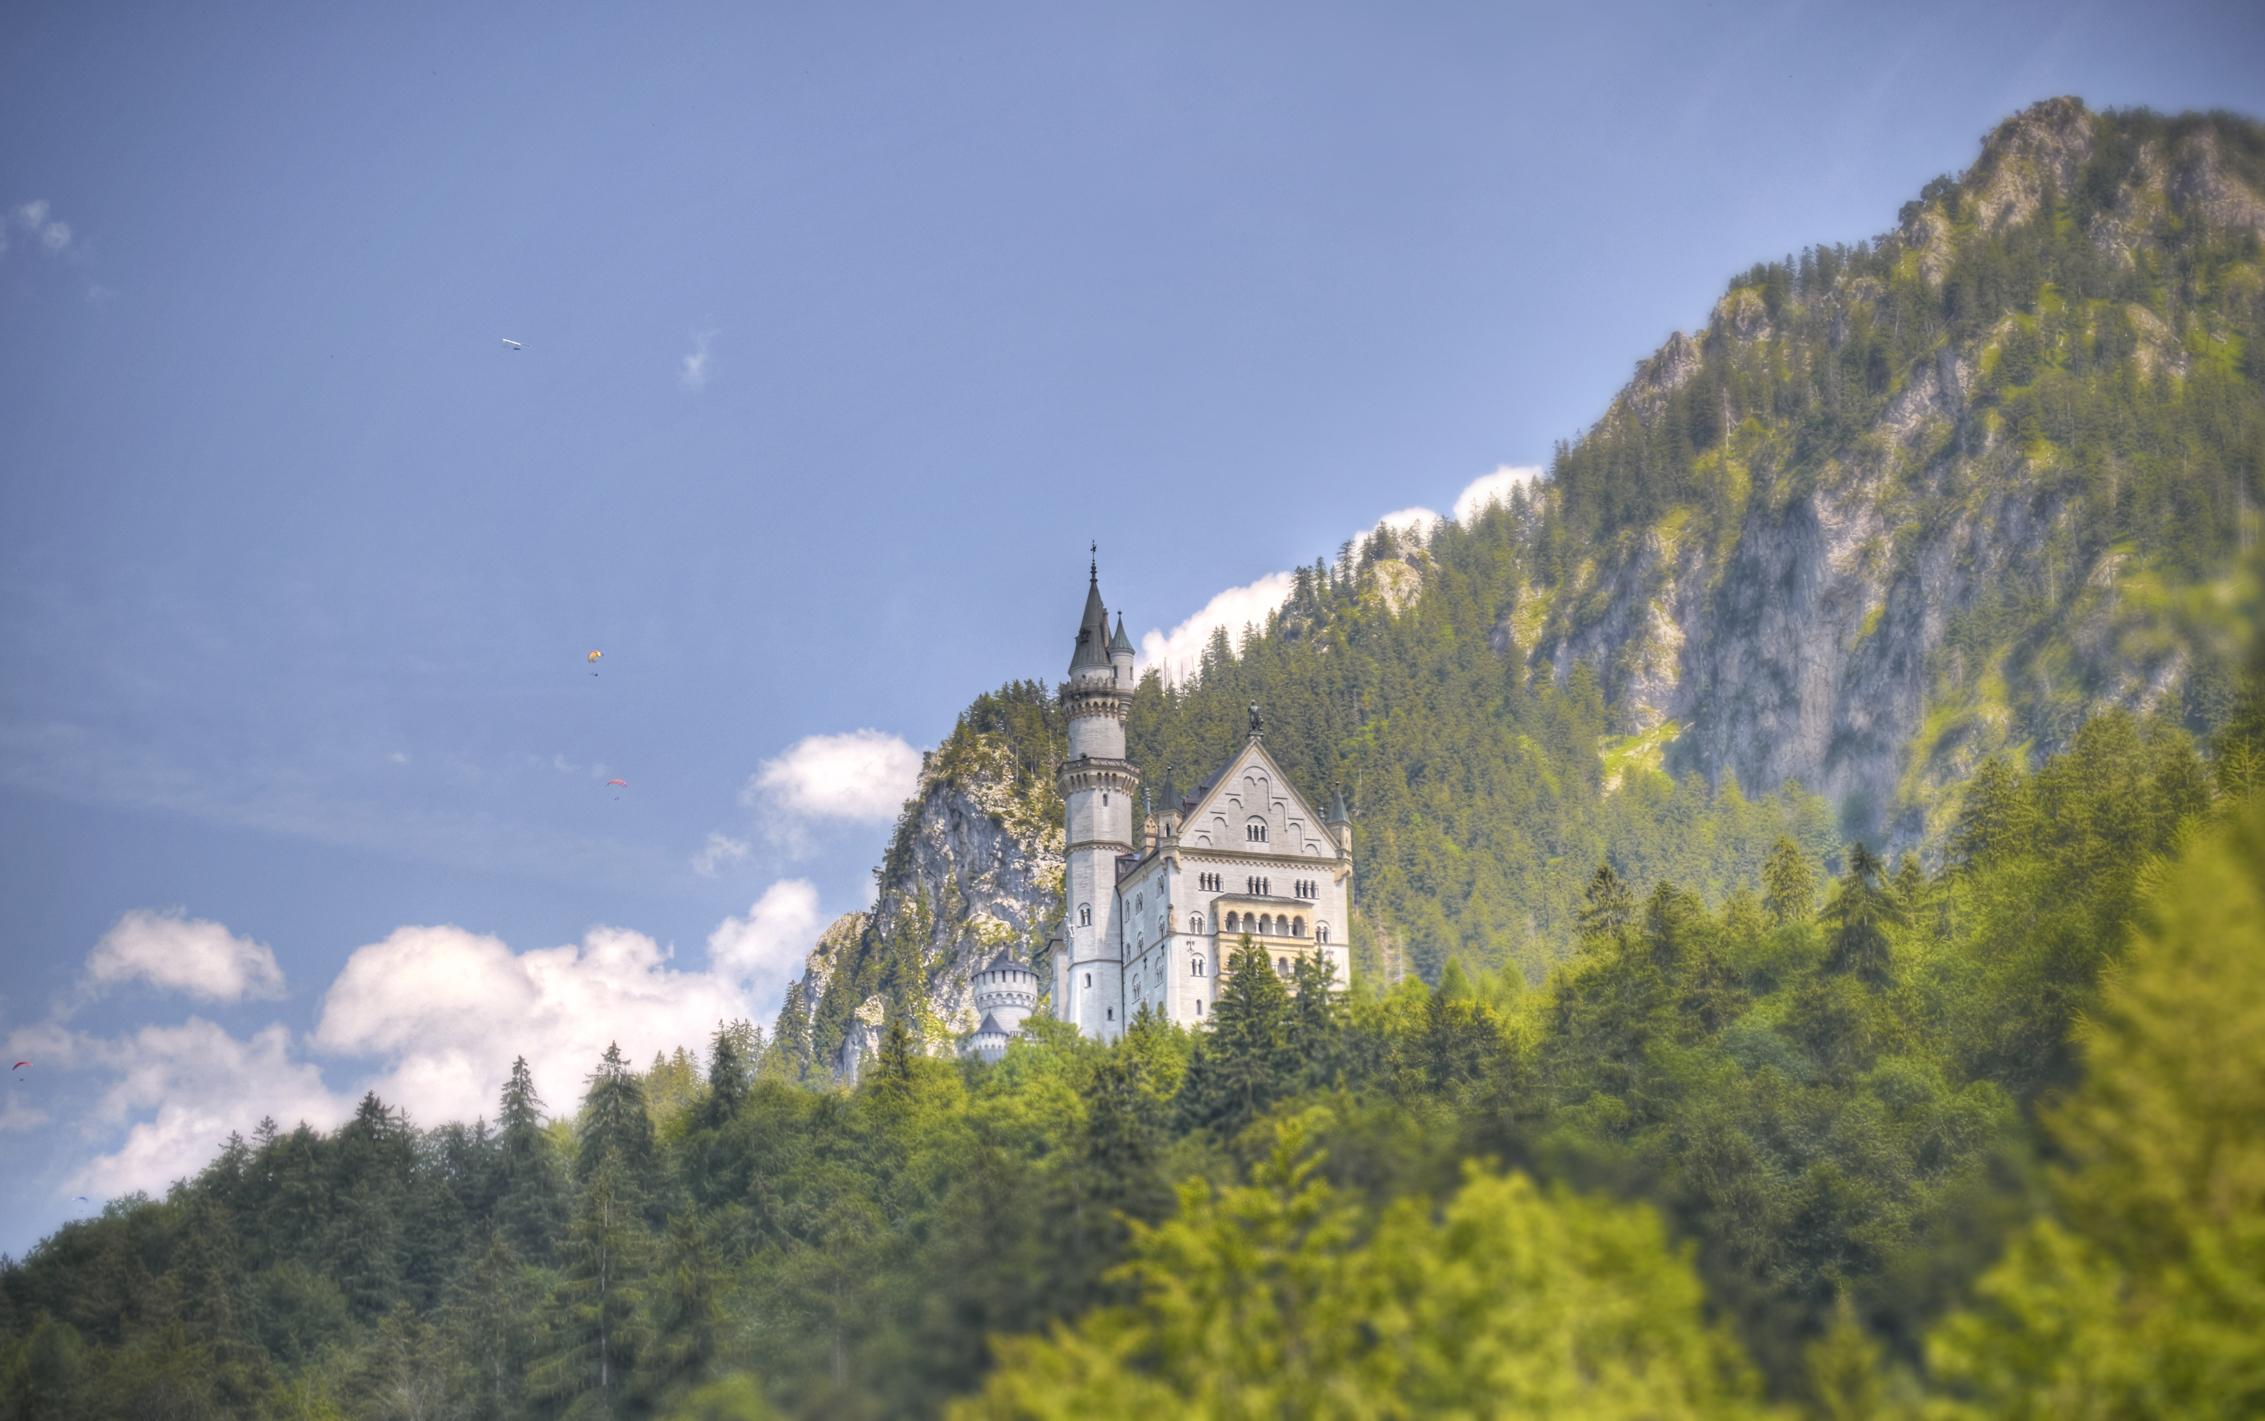 Neuschwanstein Castle in Bavaria. Photo credit: Andrew Czap